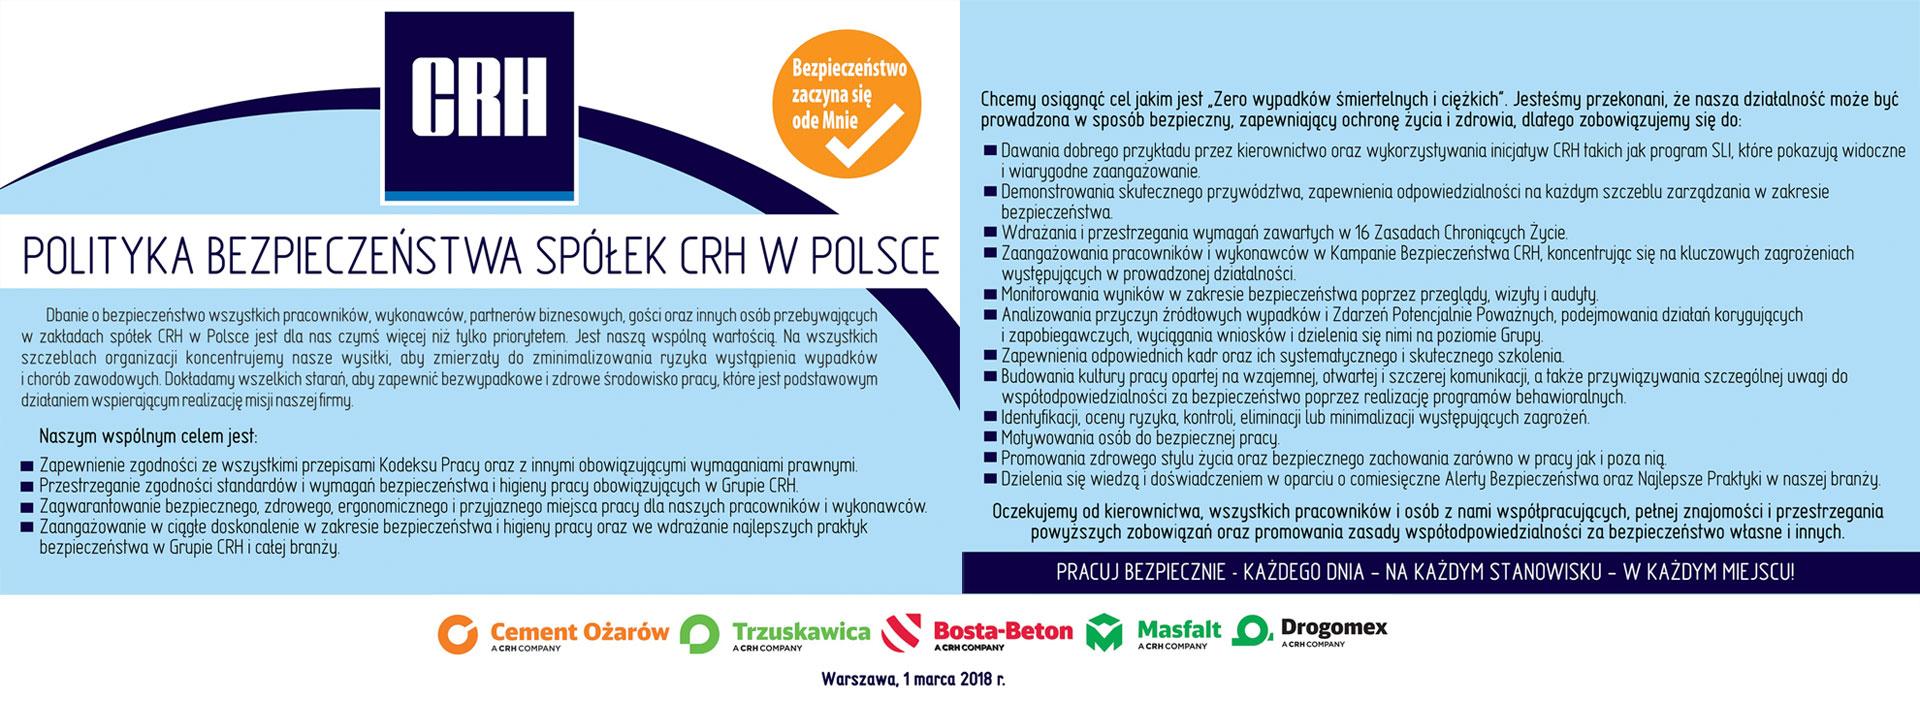 Polityka bezpieczenstwa CRH Materials Polska